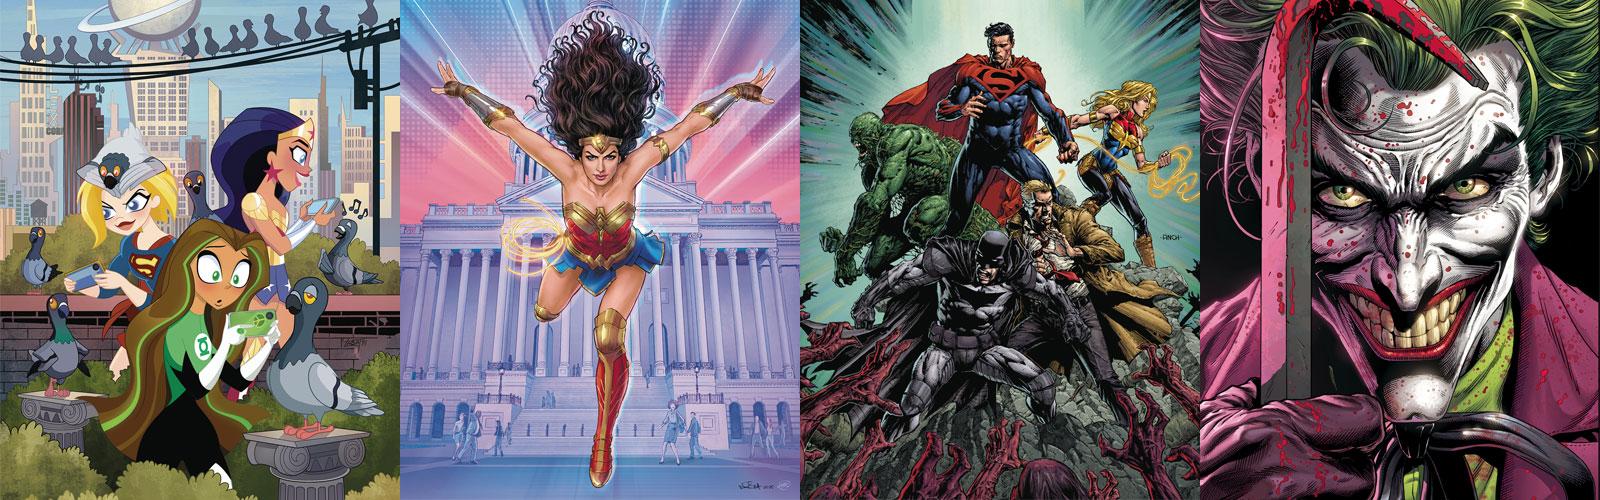 Solicitations: June 2020 – DC Comics